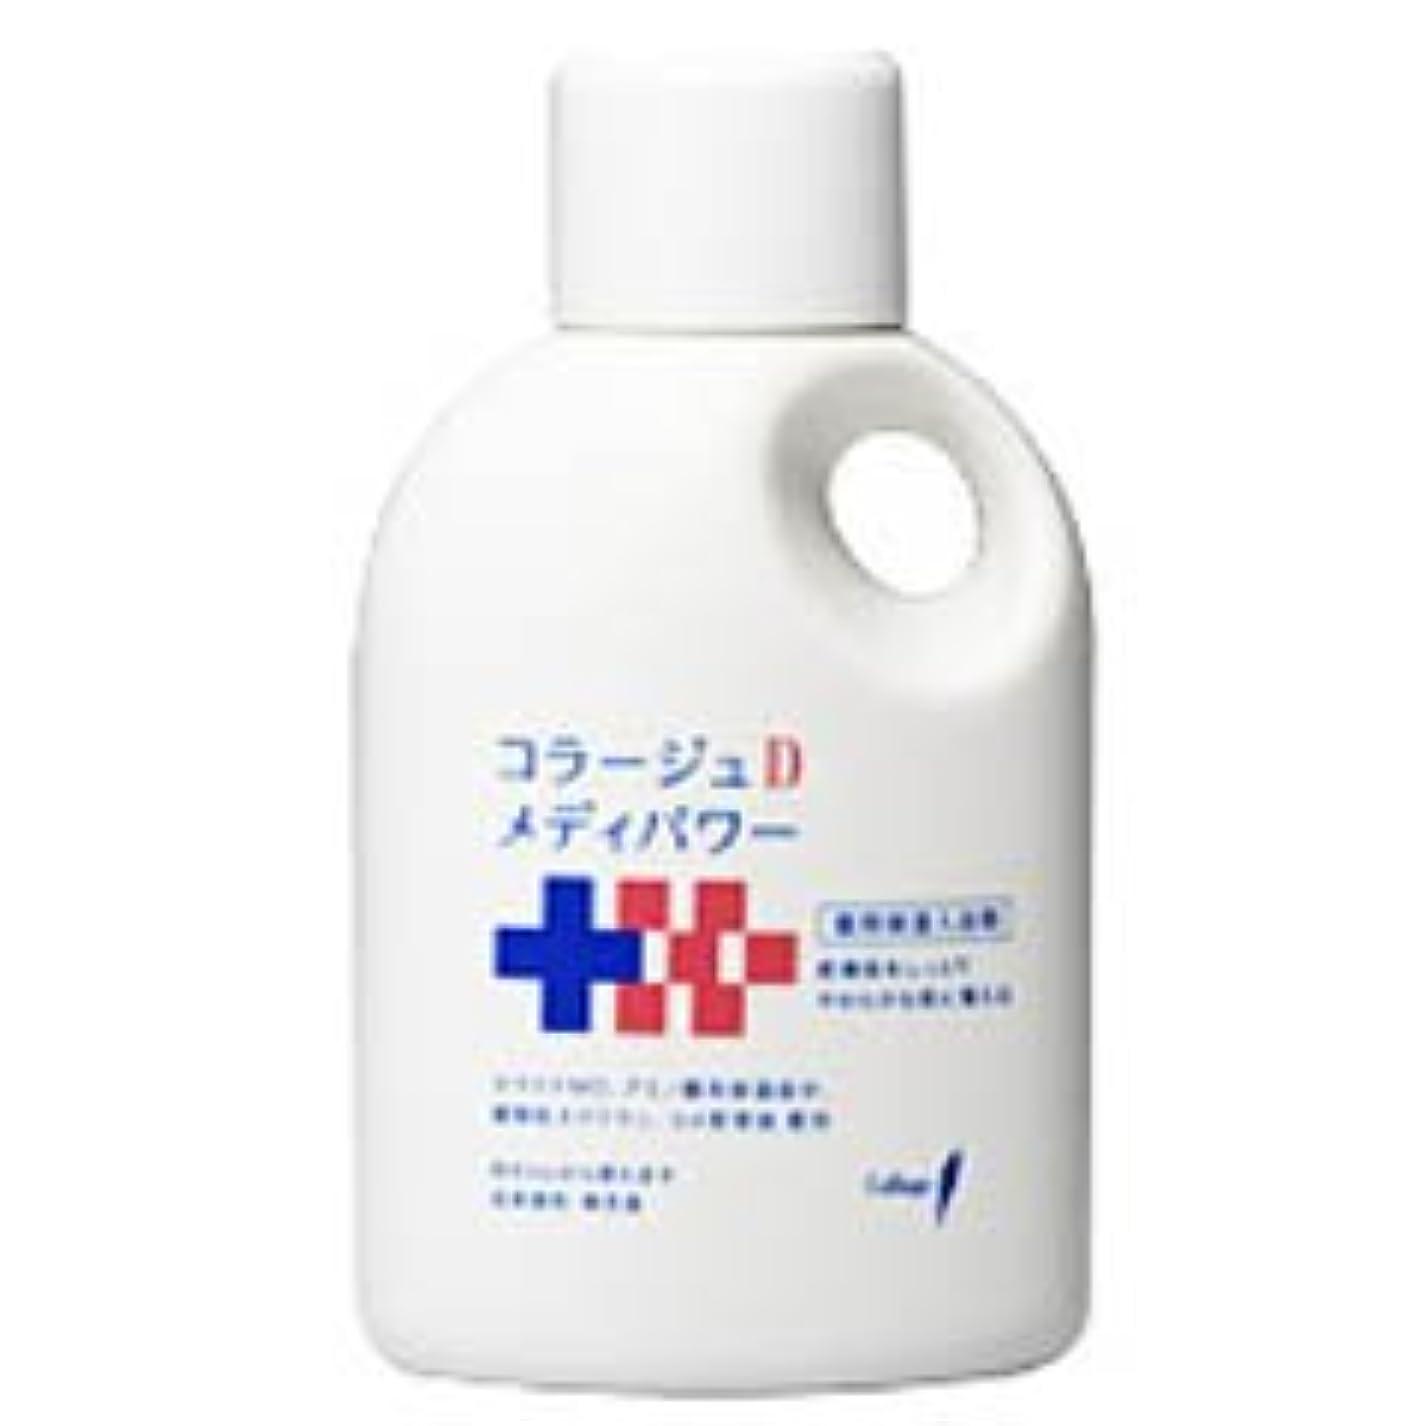 浮浪者バスルーム区別【持田ヘルスケア】コラージュD メディパワー 保湿入浴液 500ml